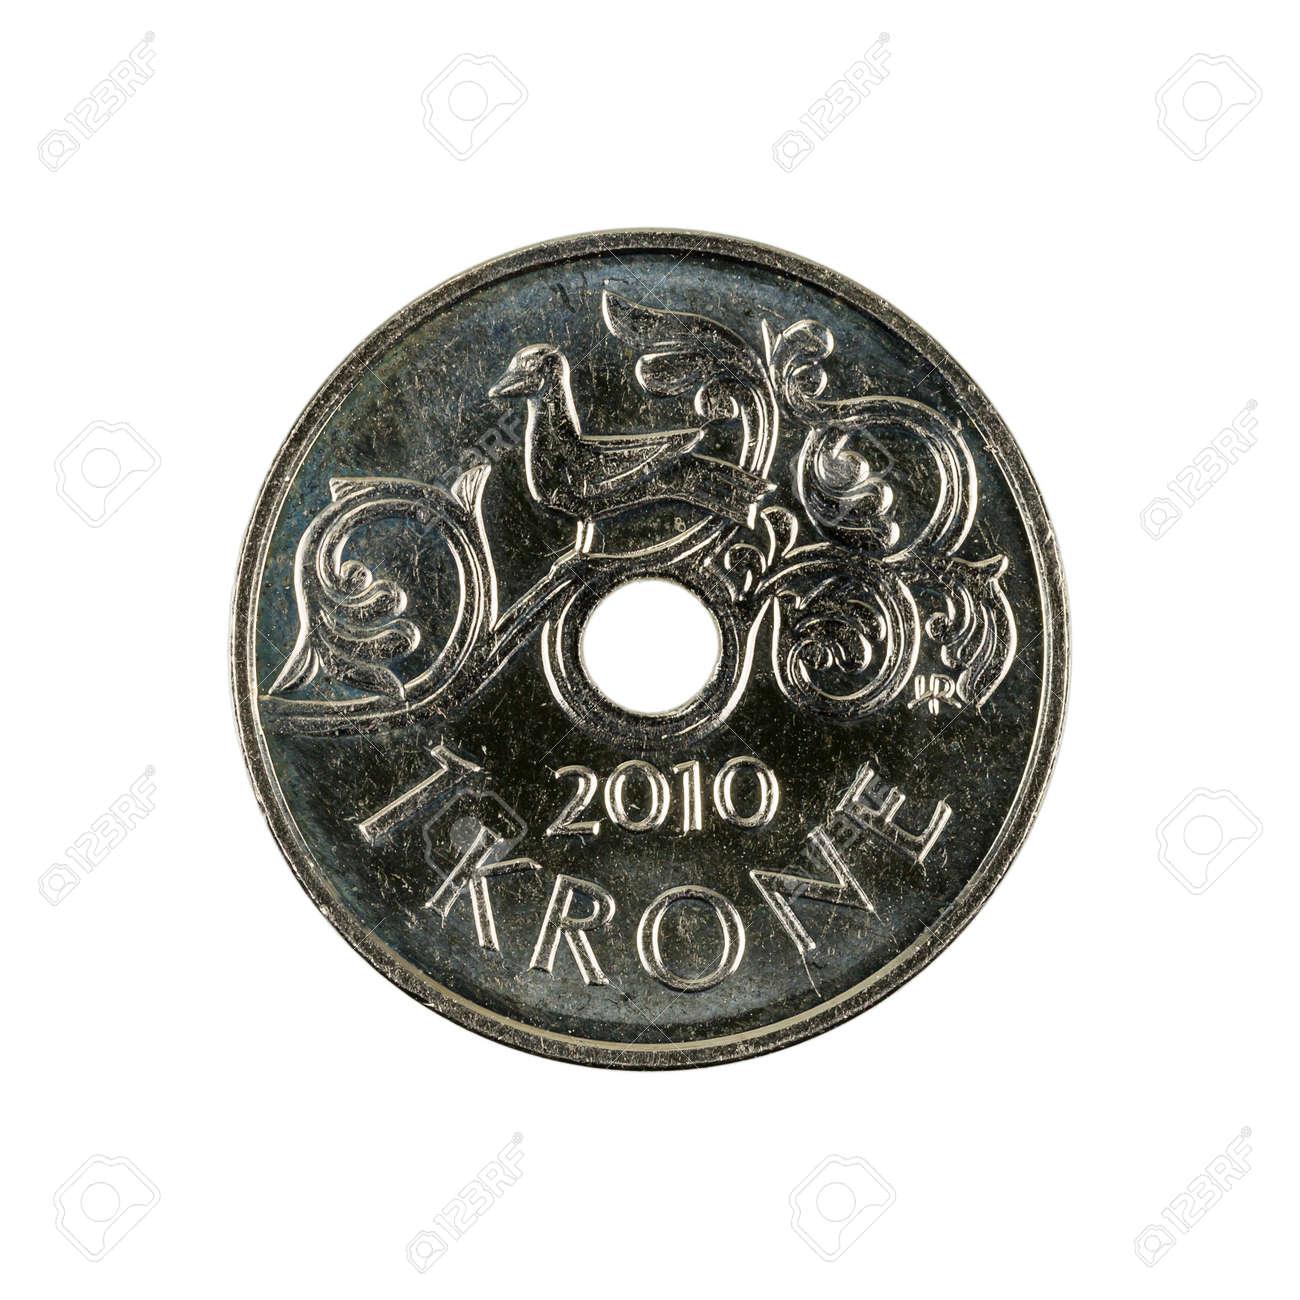 Eine Norwegische Kronen Münze 2010 Isoliert Auf Weißem Hintergrund